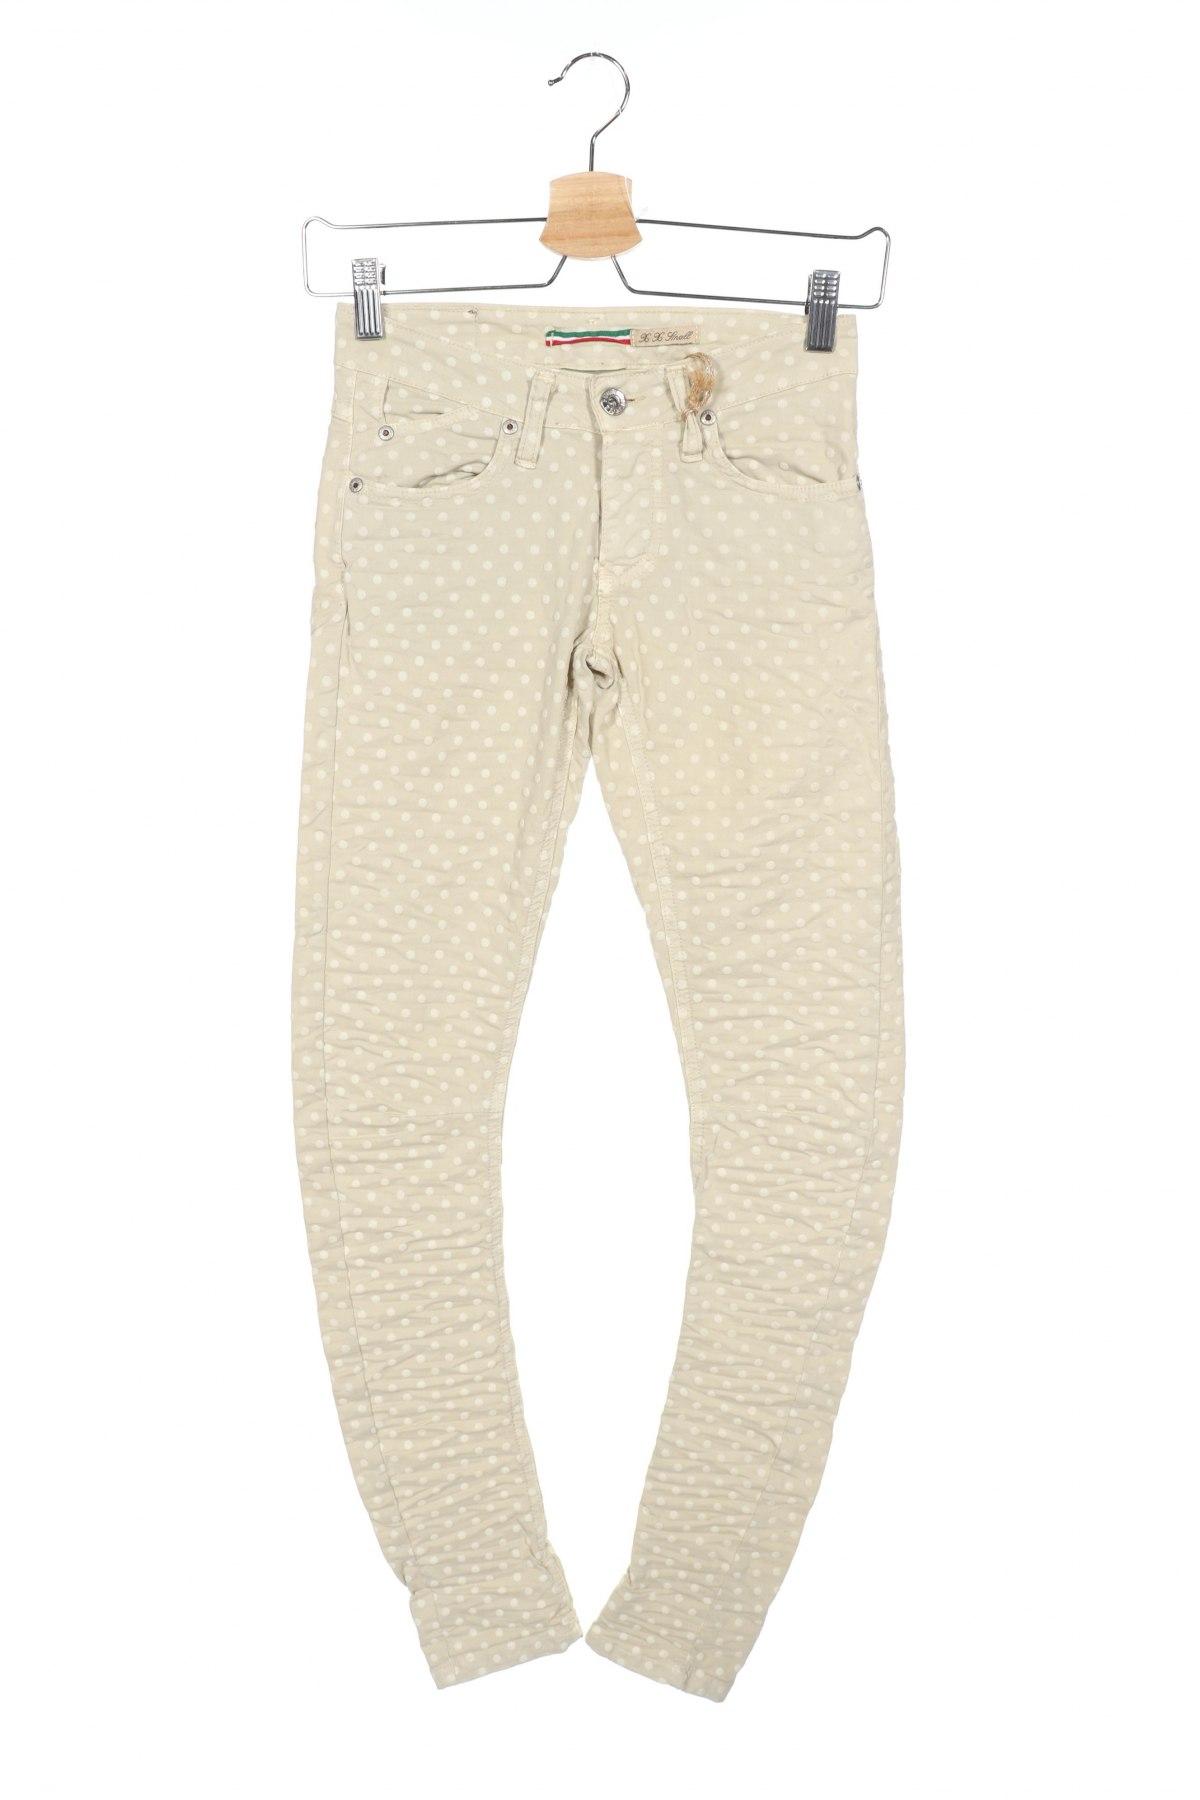 Дамски панталон Please, Размер XXS, Цвят Бежов, 98% памук, 2% еластан, Цена 13,52лв.